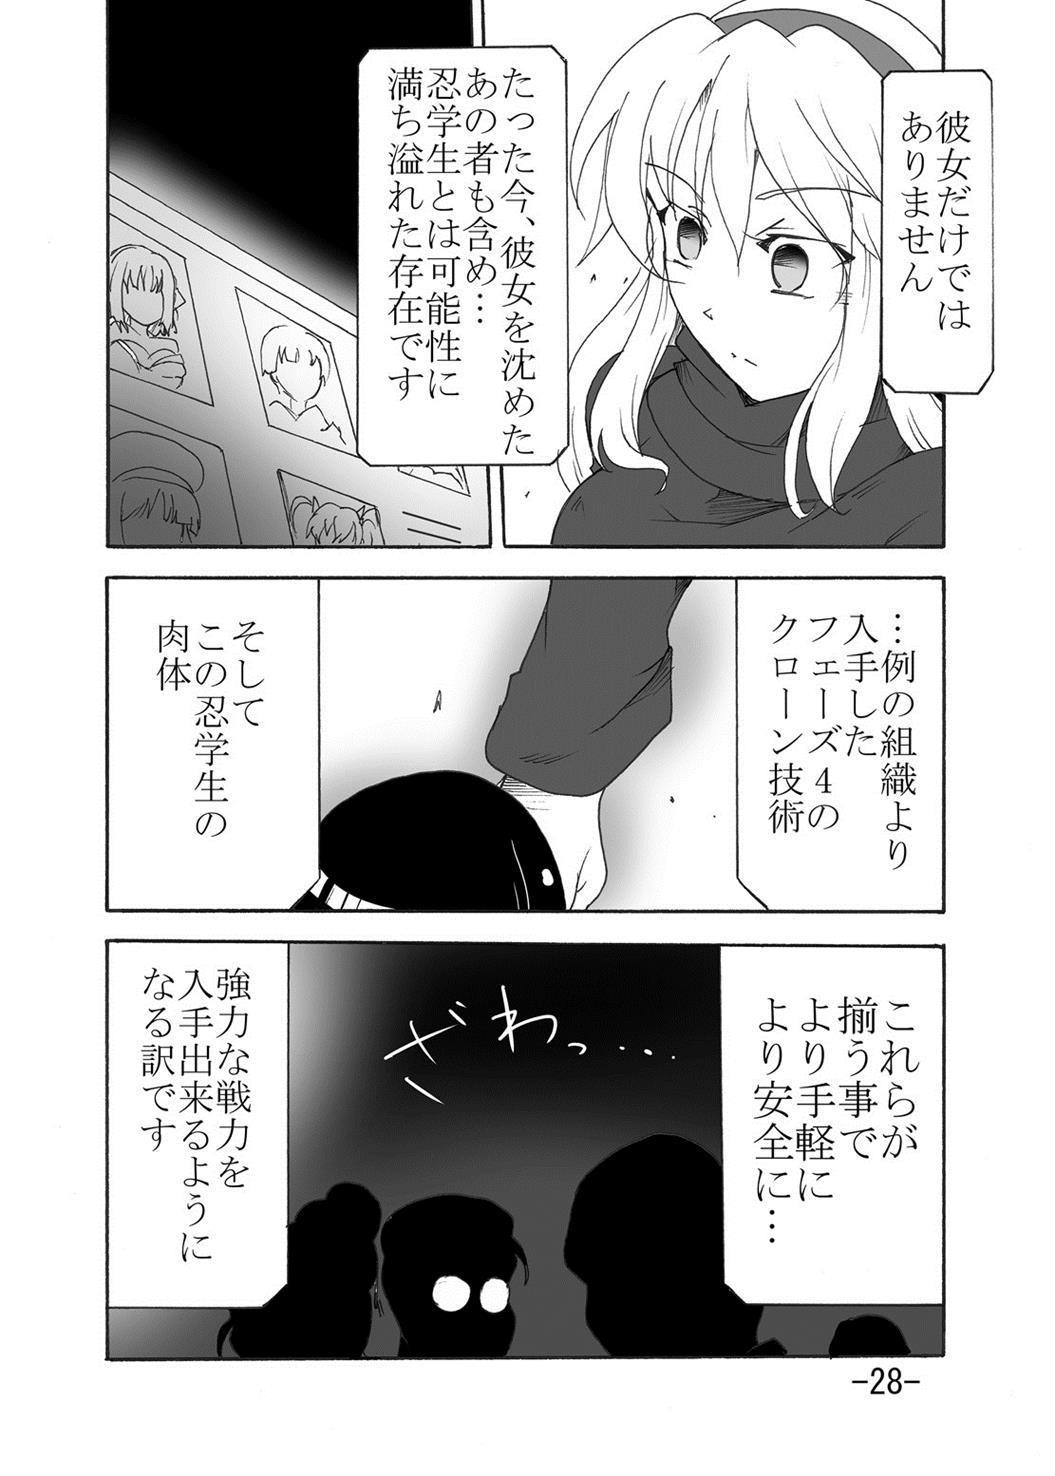 Tsubame o Kujiku 26